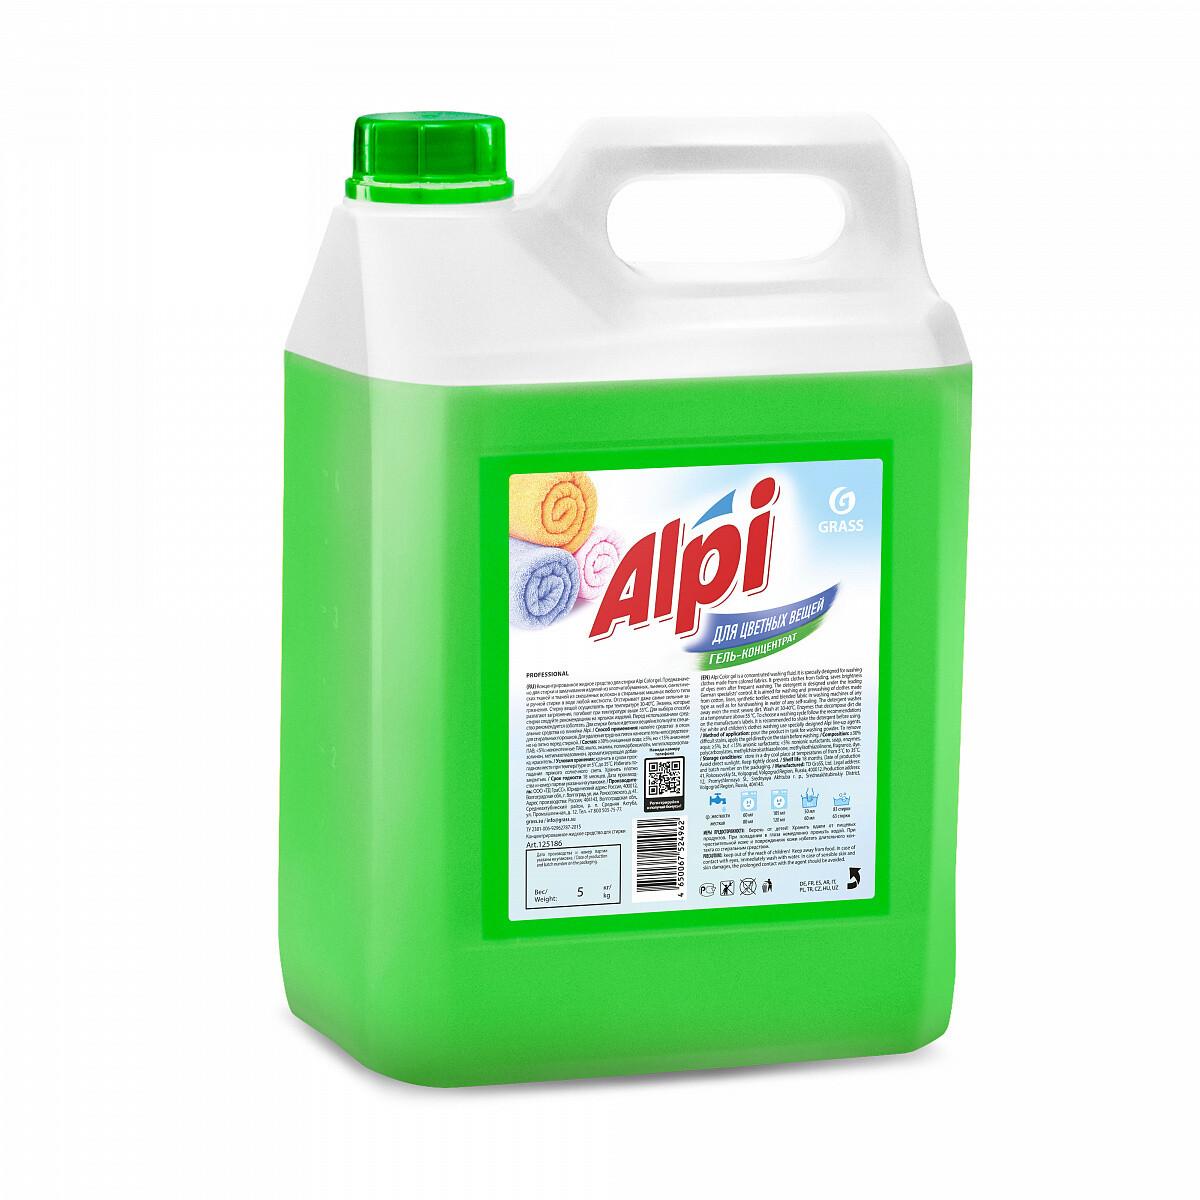 """Гель-концентрат для цветных вещей """"Alpi color gel"""", 5 л"""